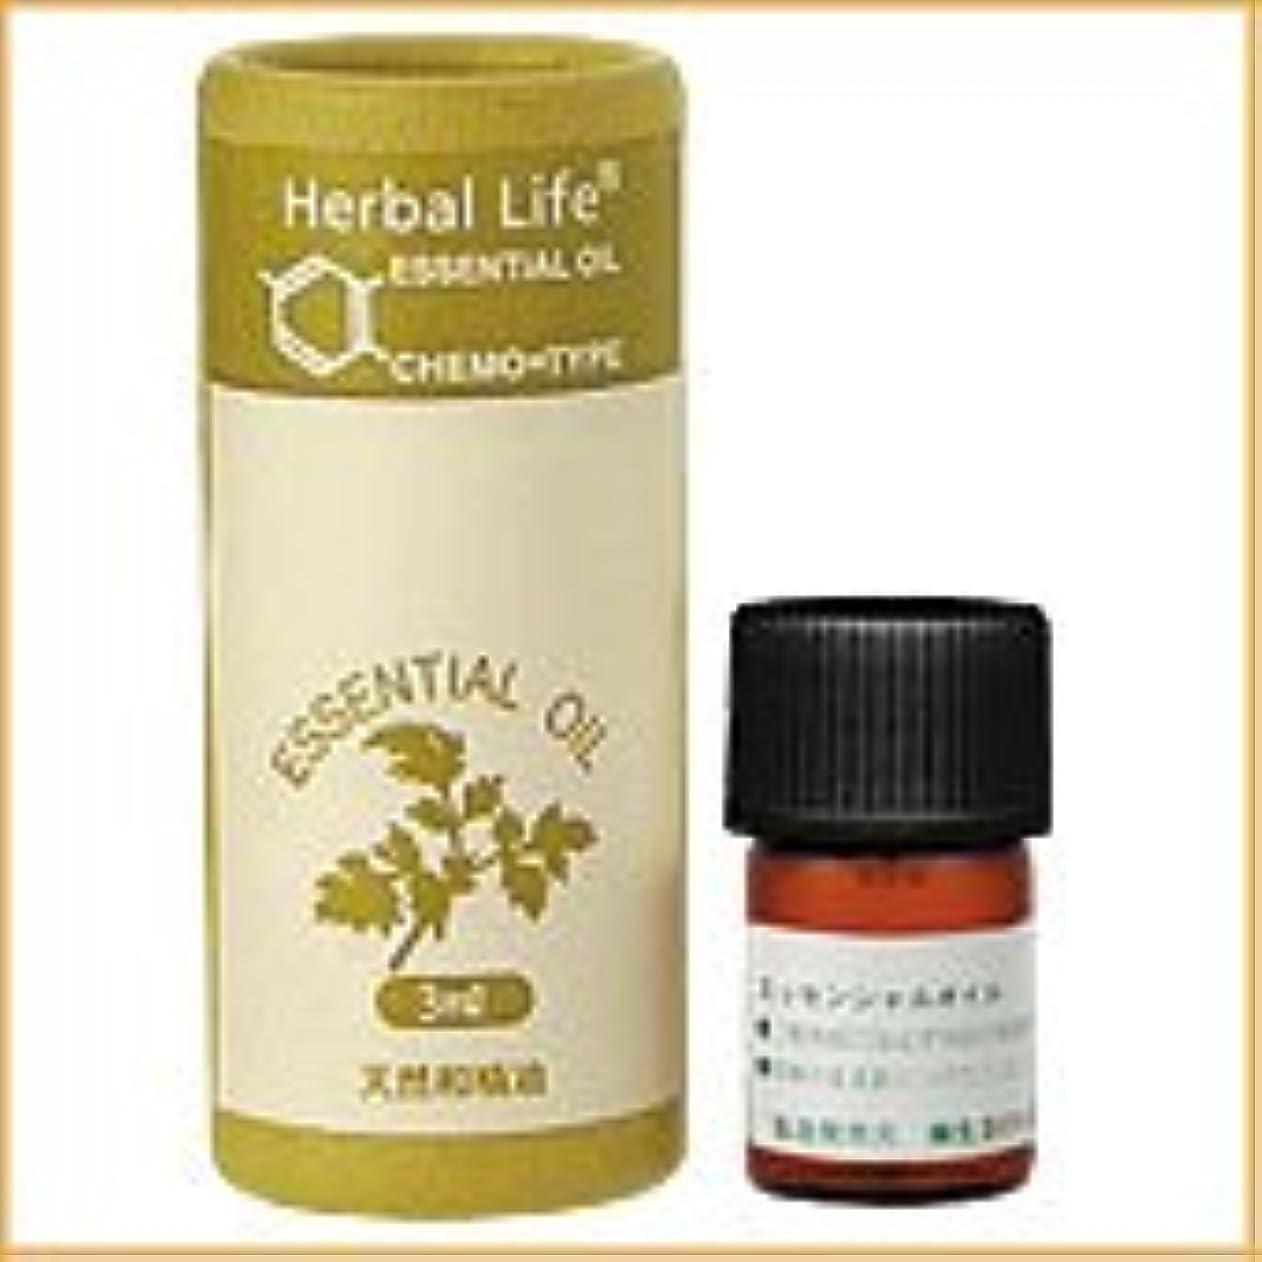 歯科の立方体森林生活の木 アロマオイル ヒノキ 3ml (Tree of Life Essential Oil/エッセンシャルオイル)